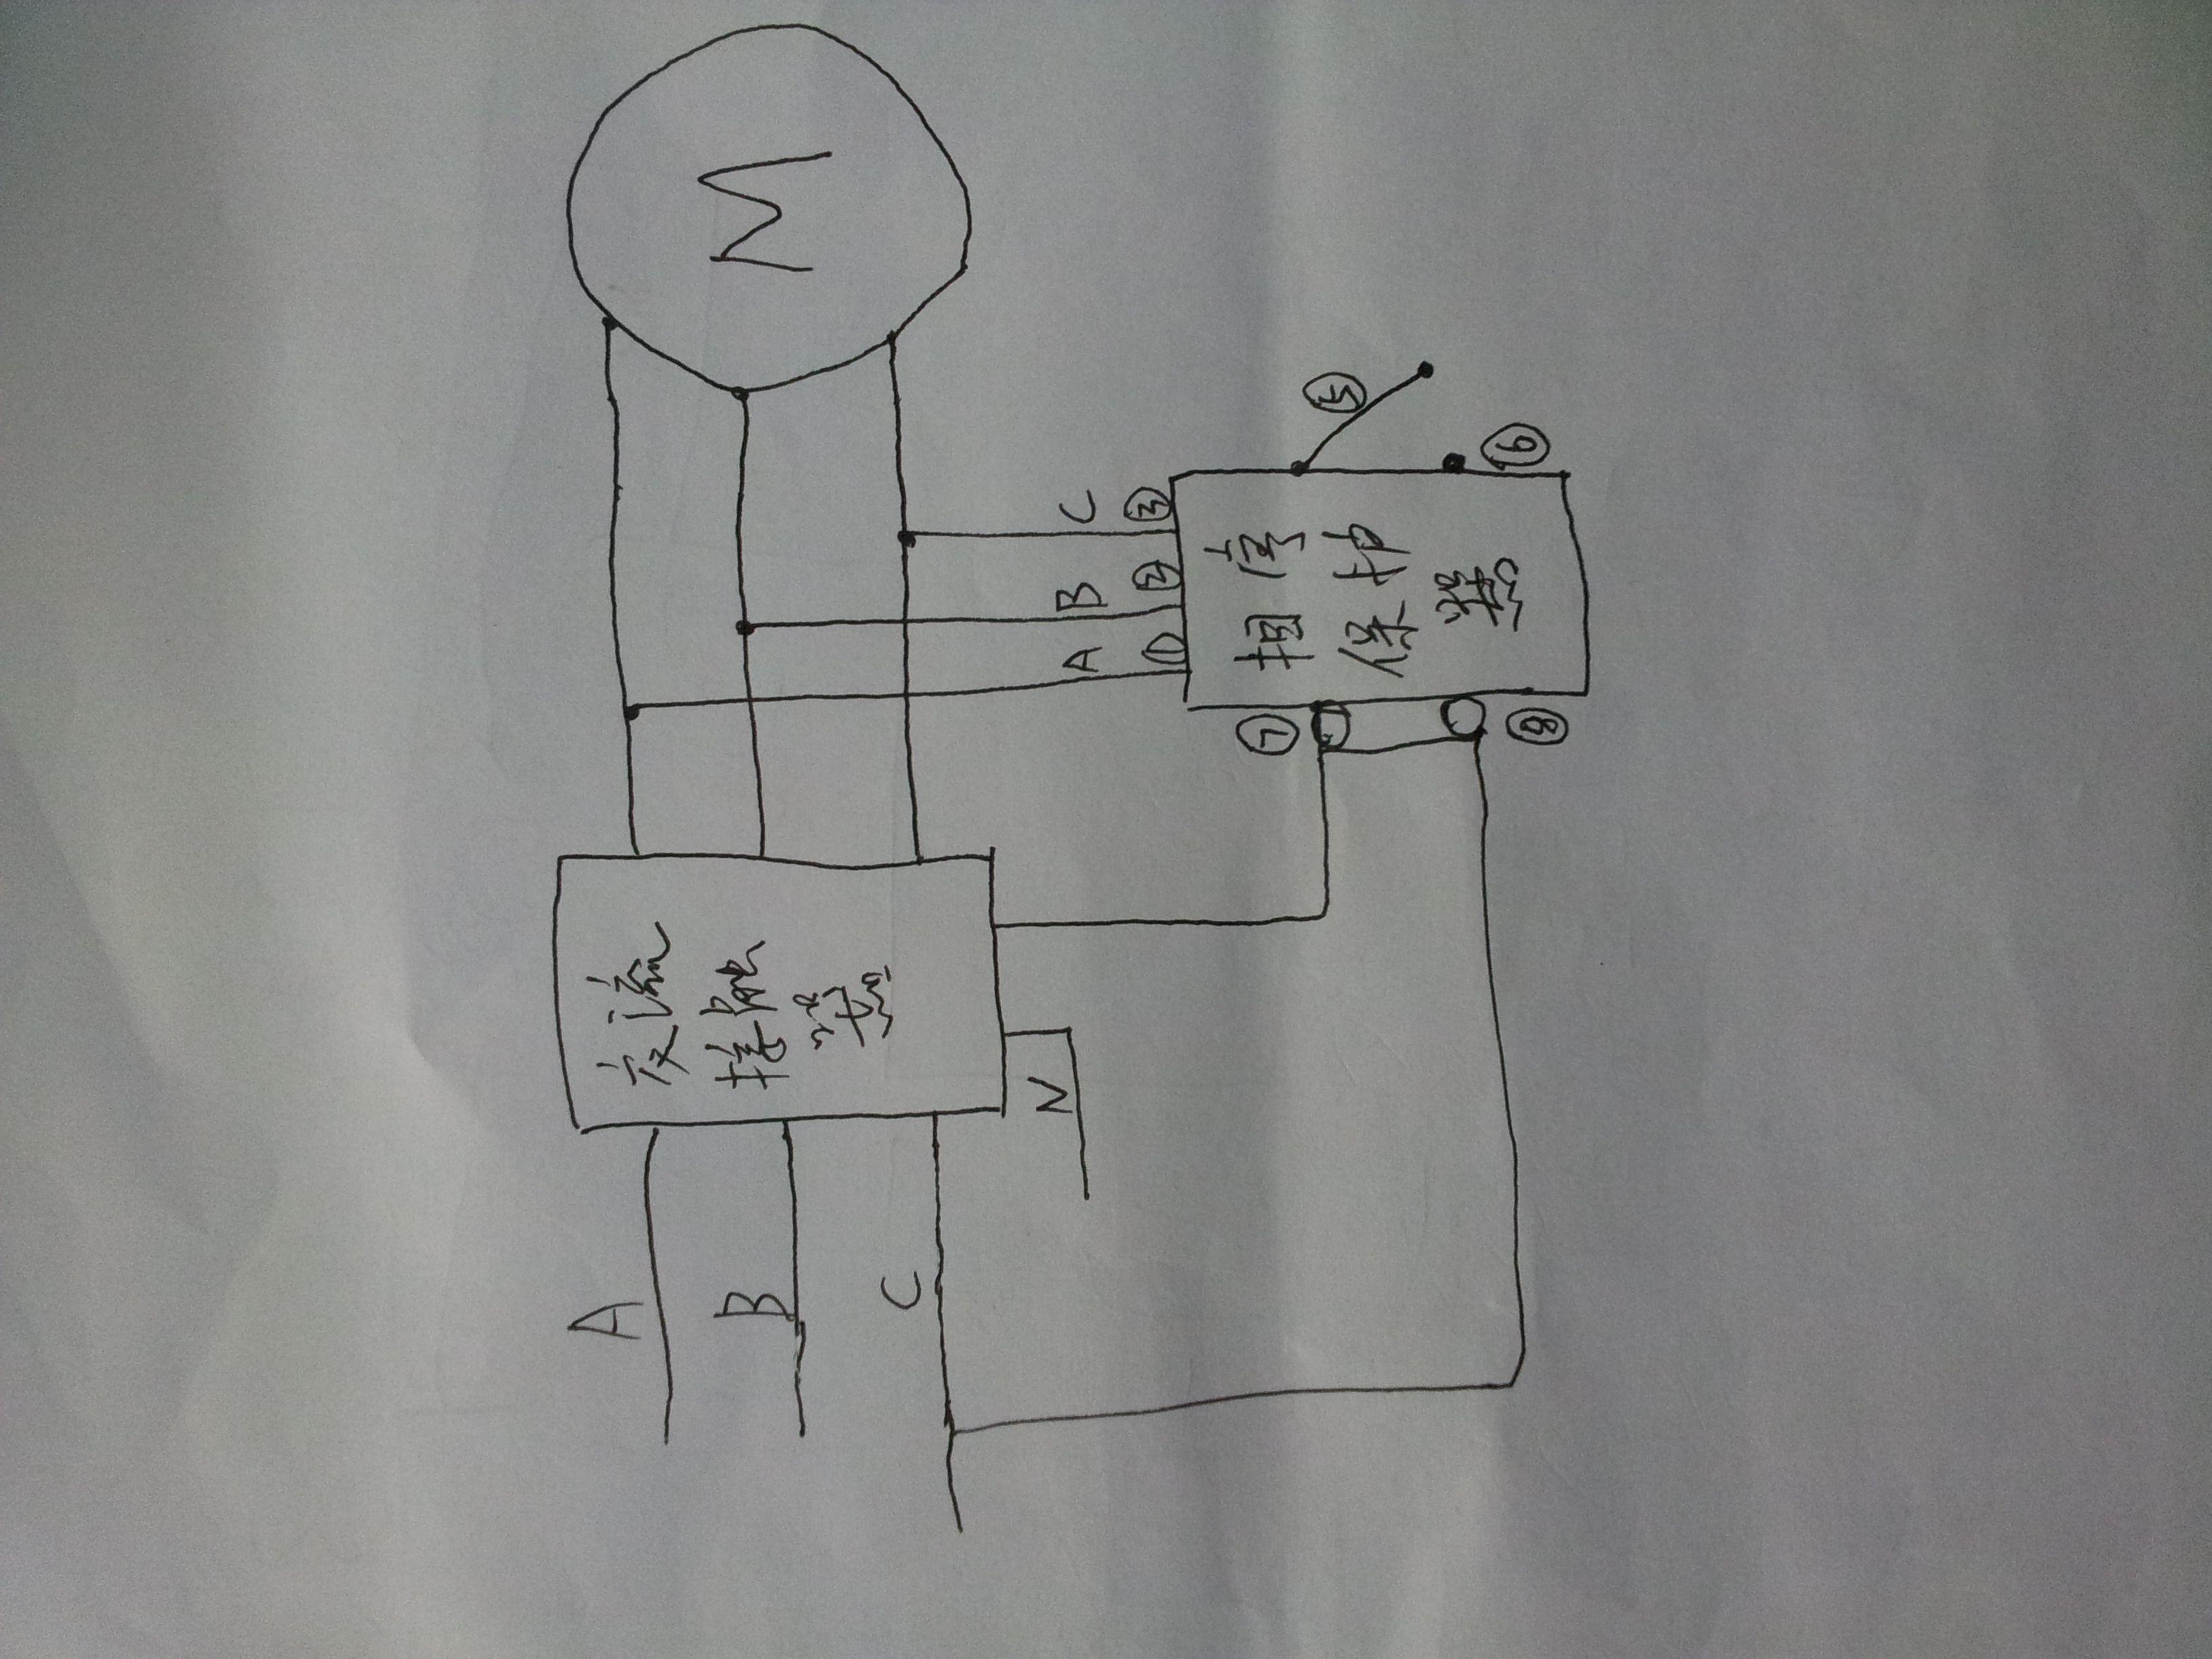 xj3-g断相与相序保护继电器接线怎么接?